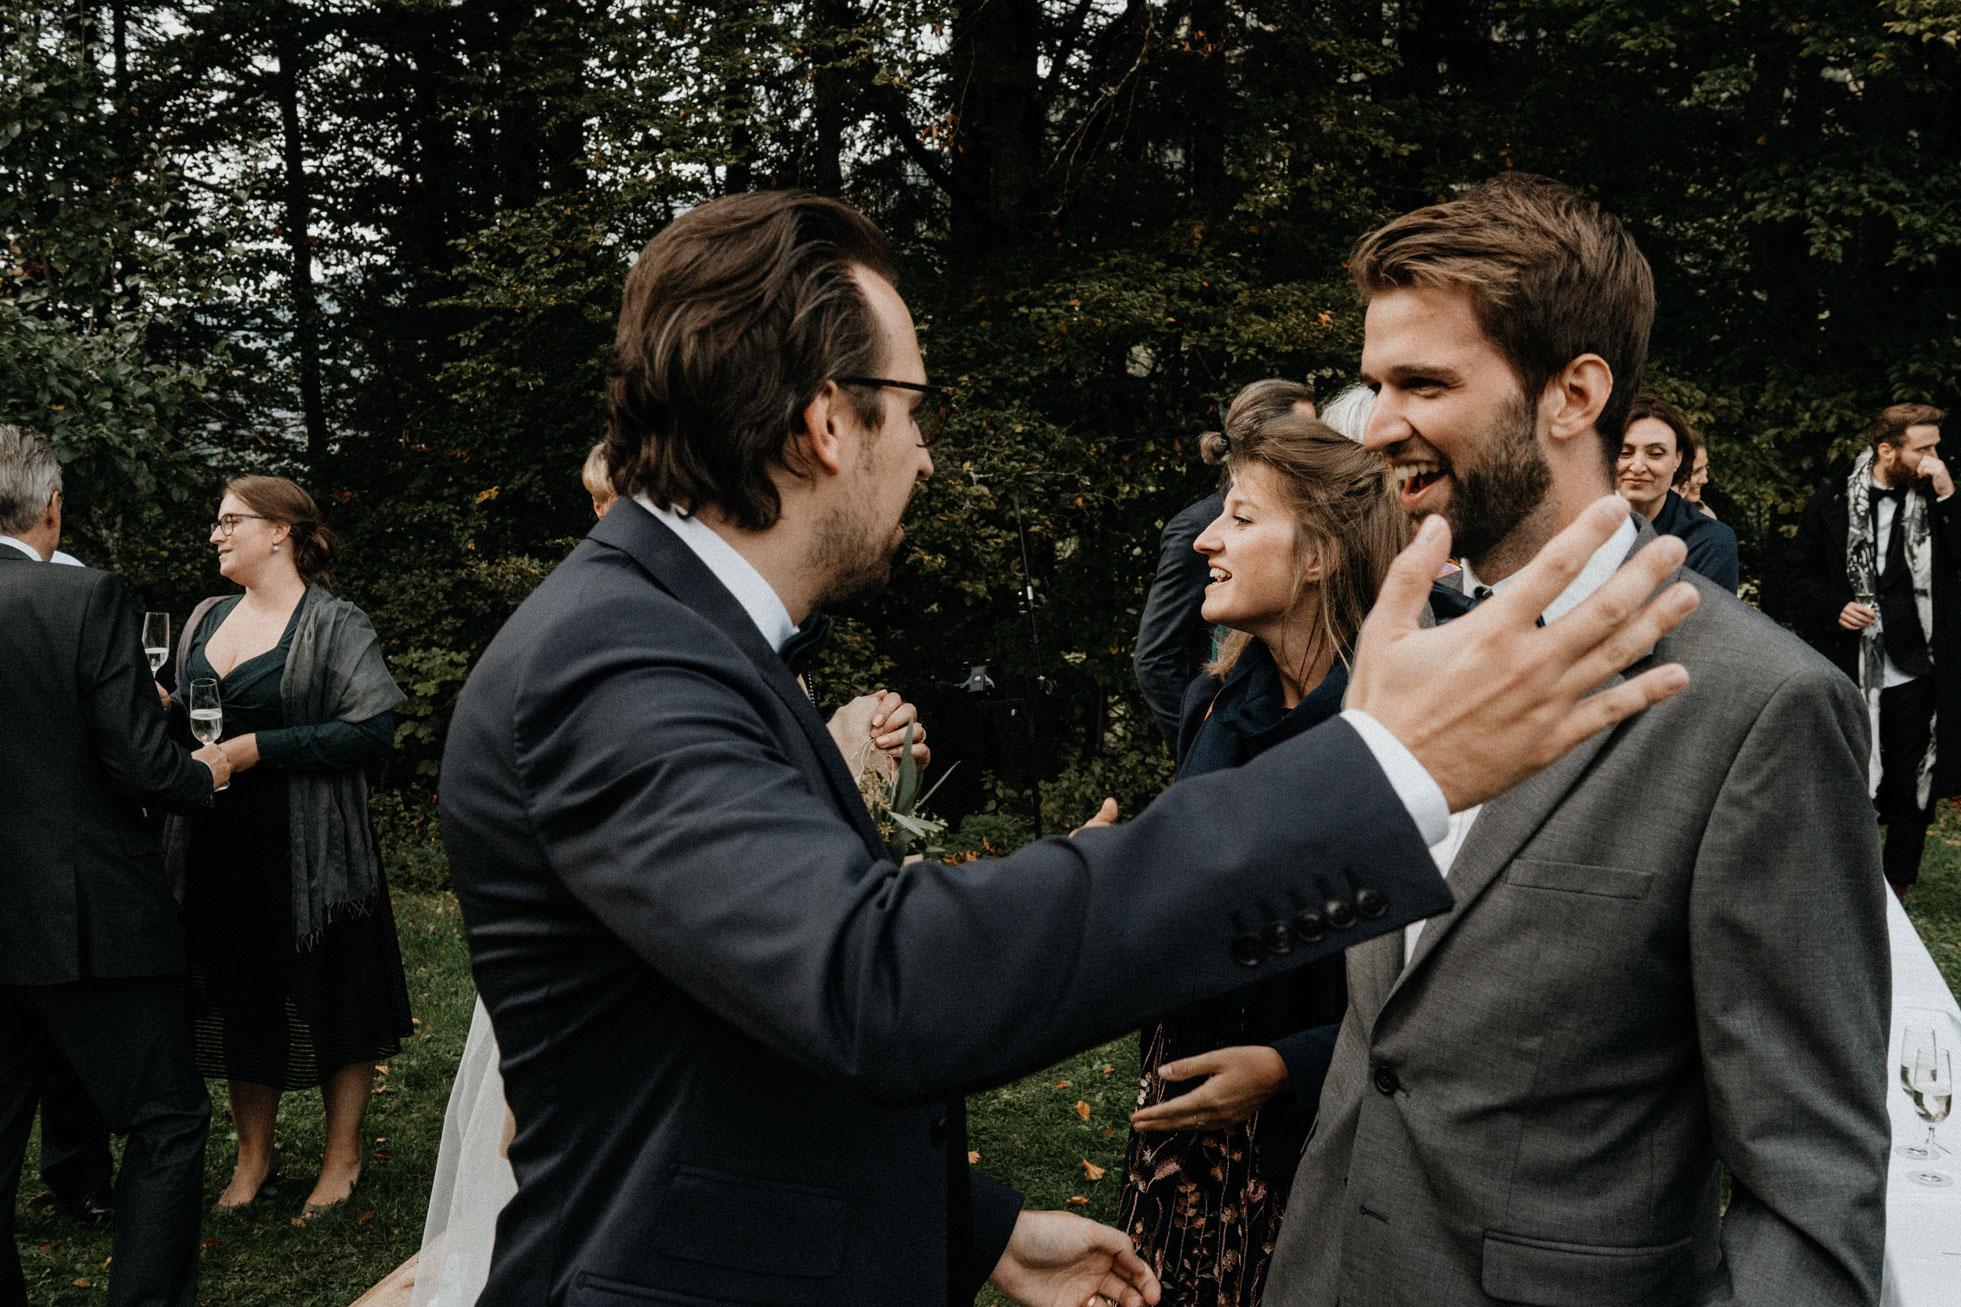 Hochzeit_Claire_Manuel_Villa_Maund_Daniel_Jenny-275.jpg